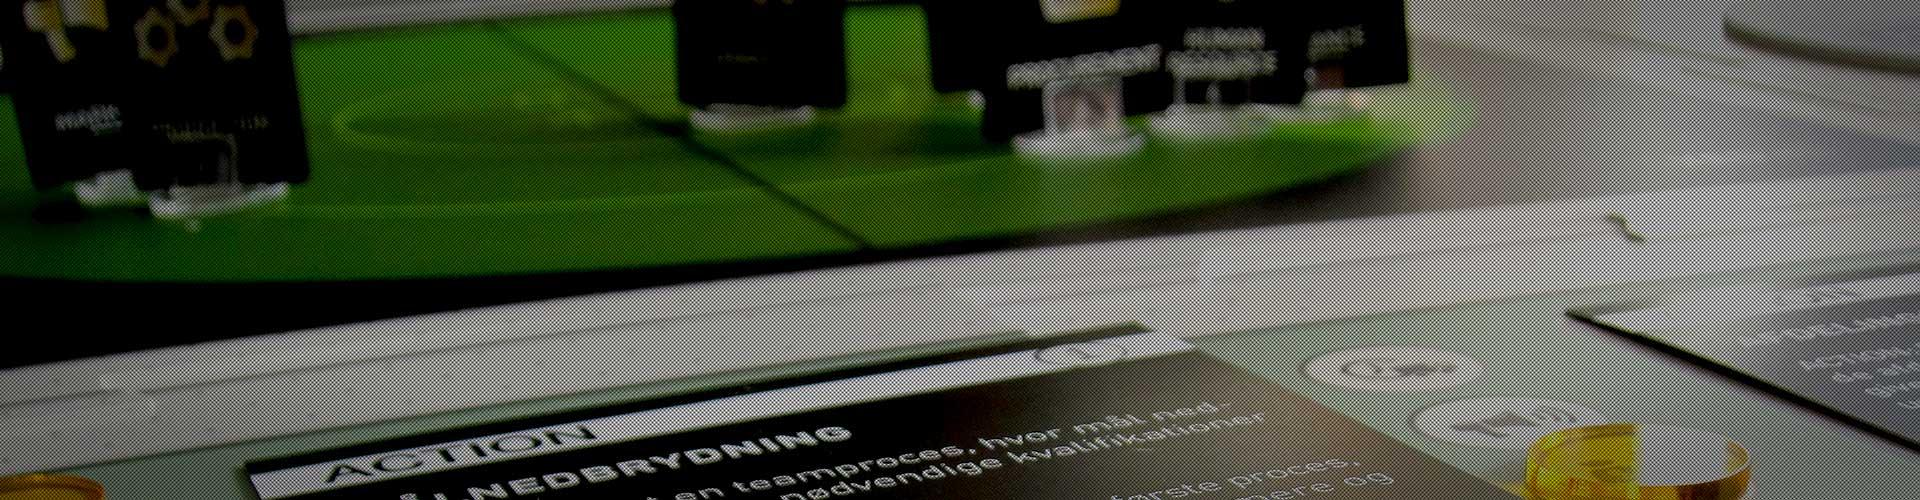 slide_virksomhed_1920x500